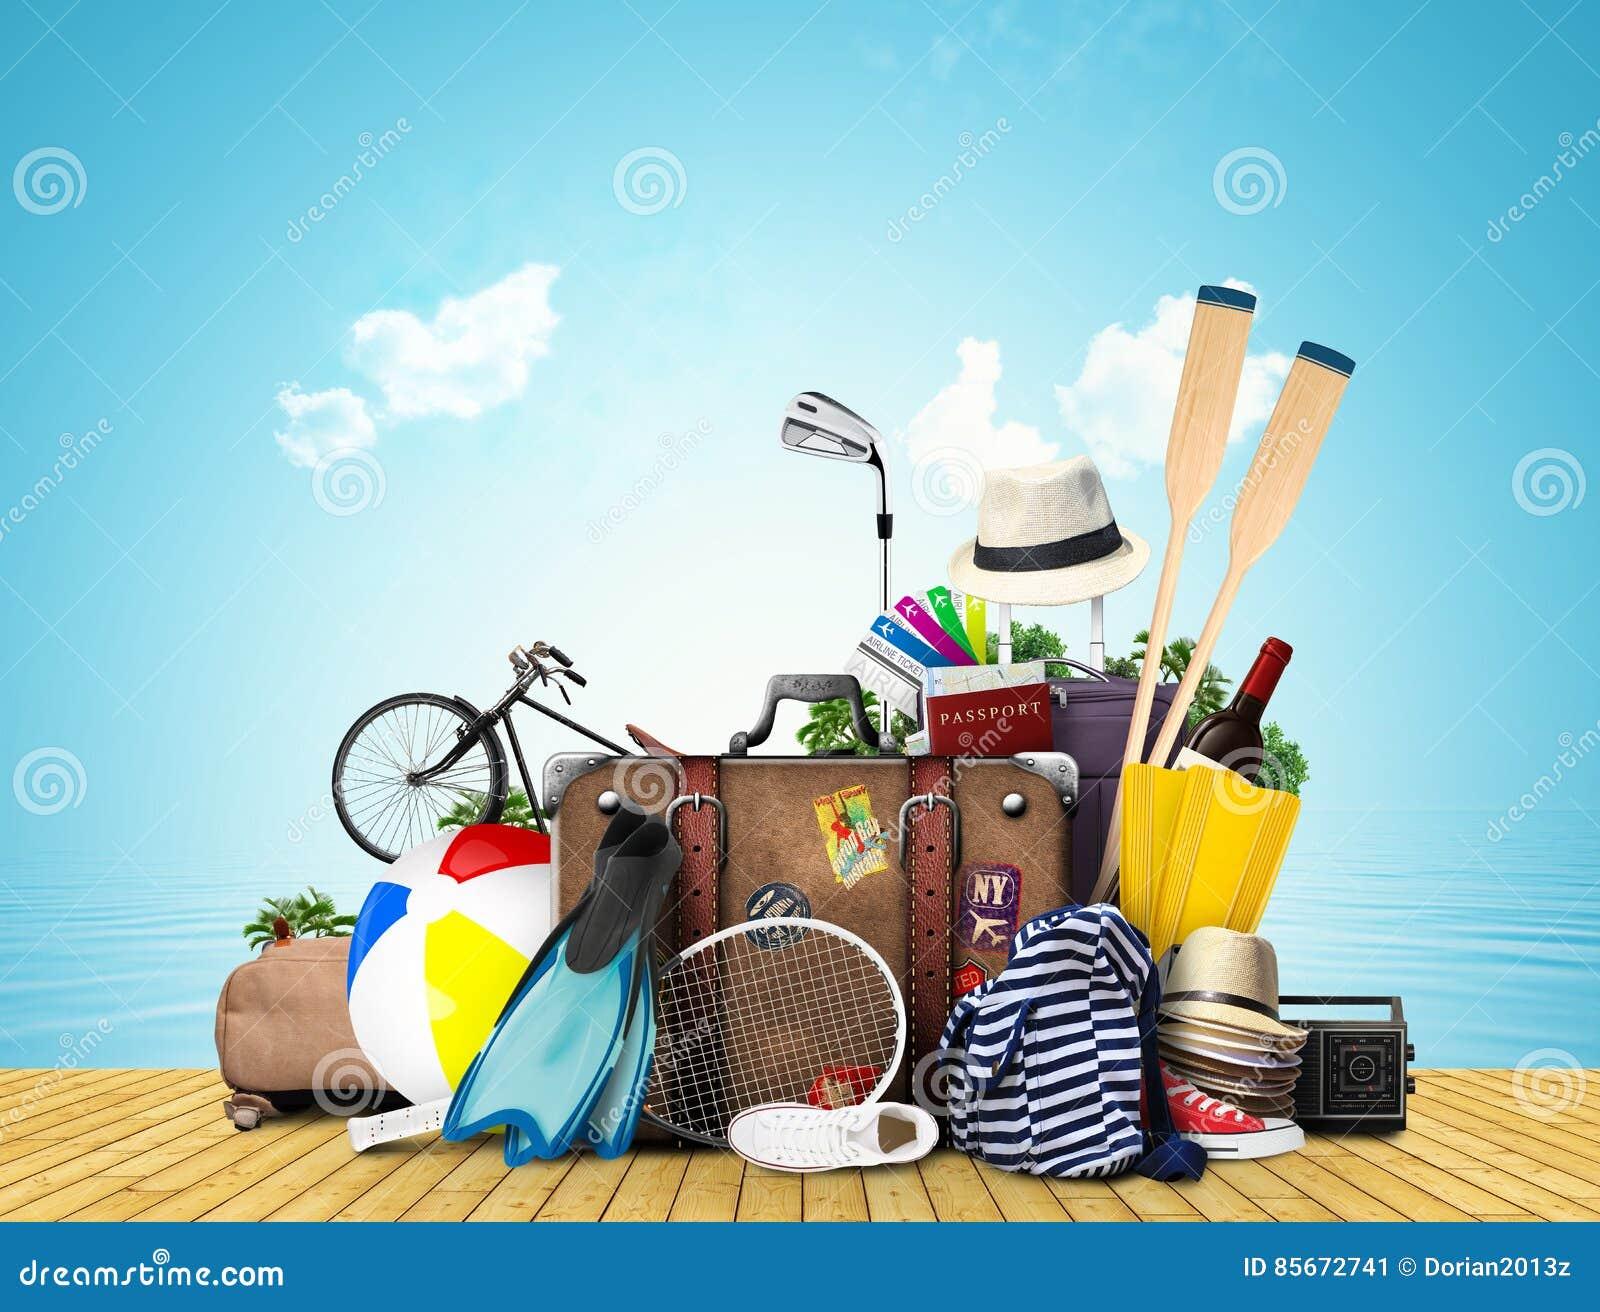 Reise und Tourismus